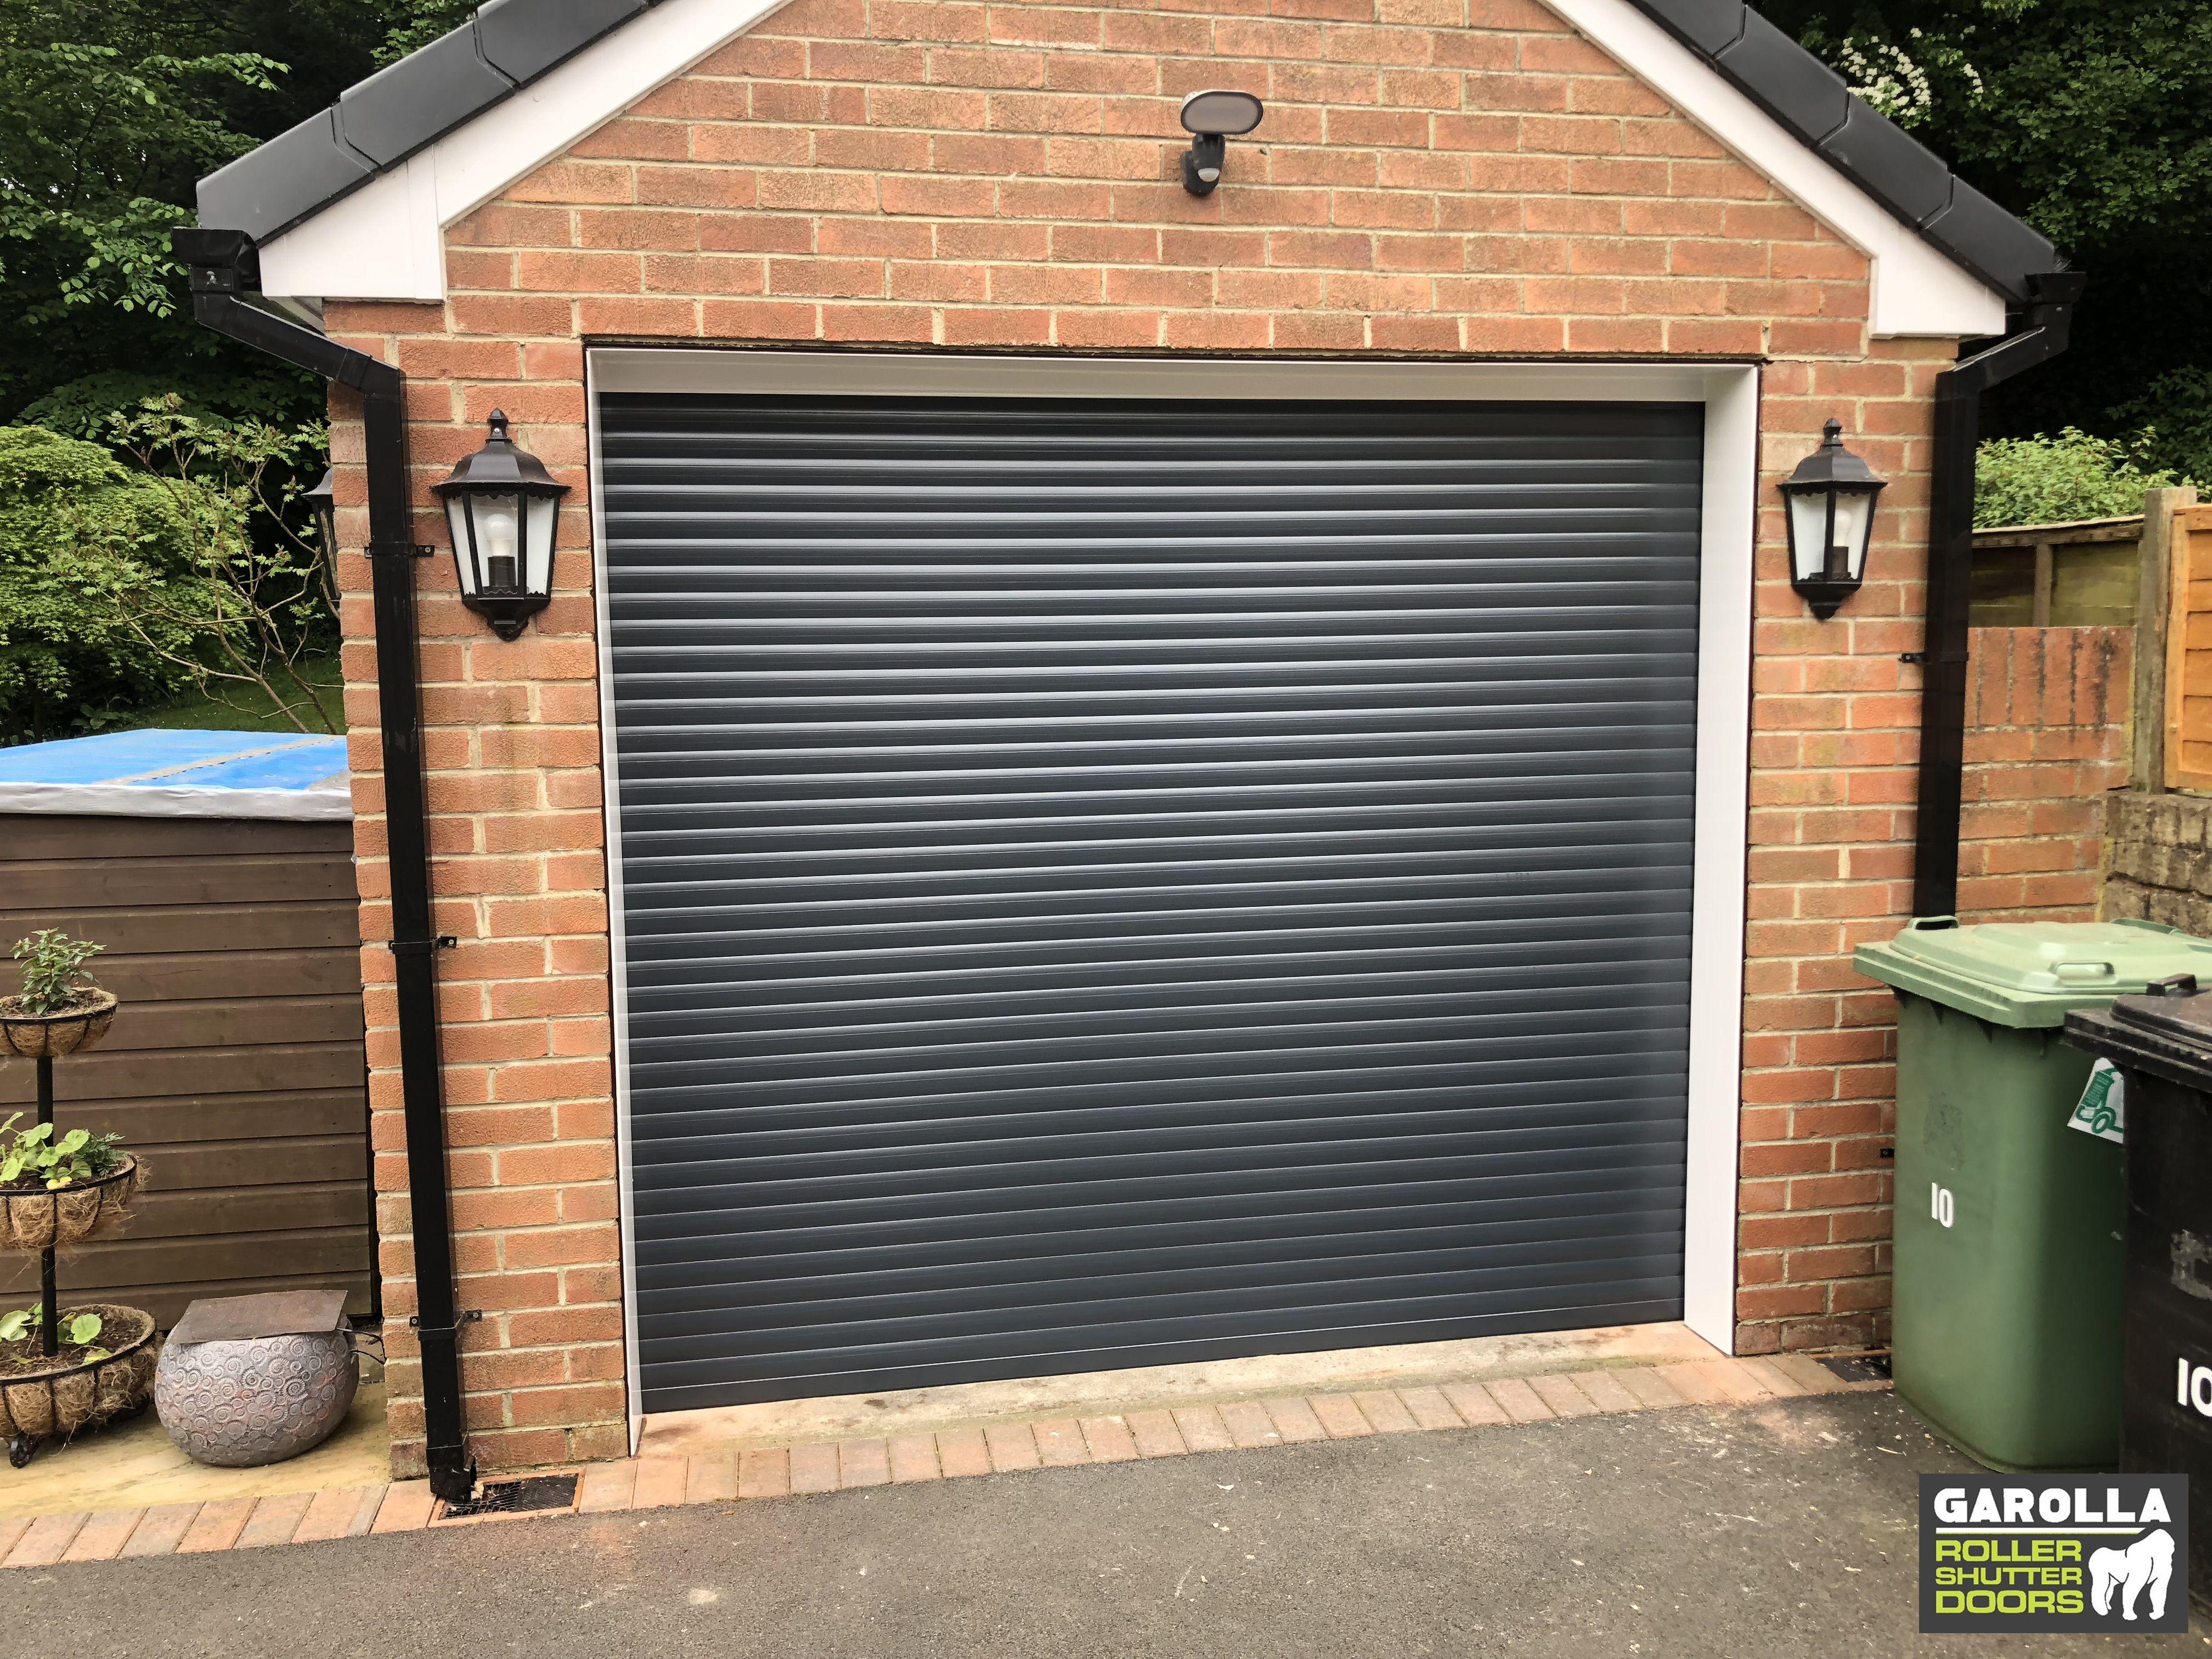 Grey Garage Door In 2020 Garage Doors Garage Door Design Grey Garage Doors